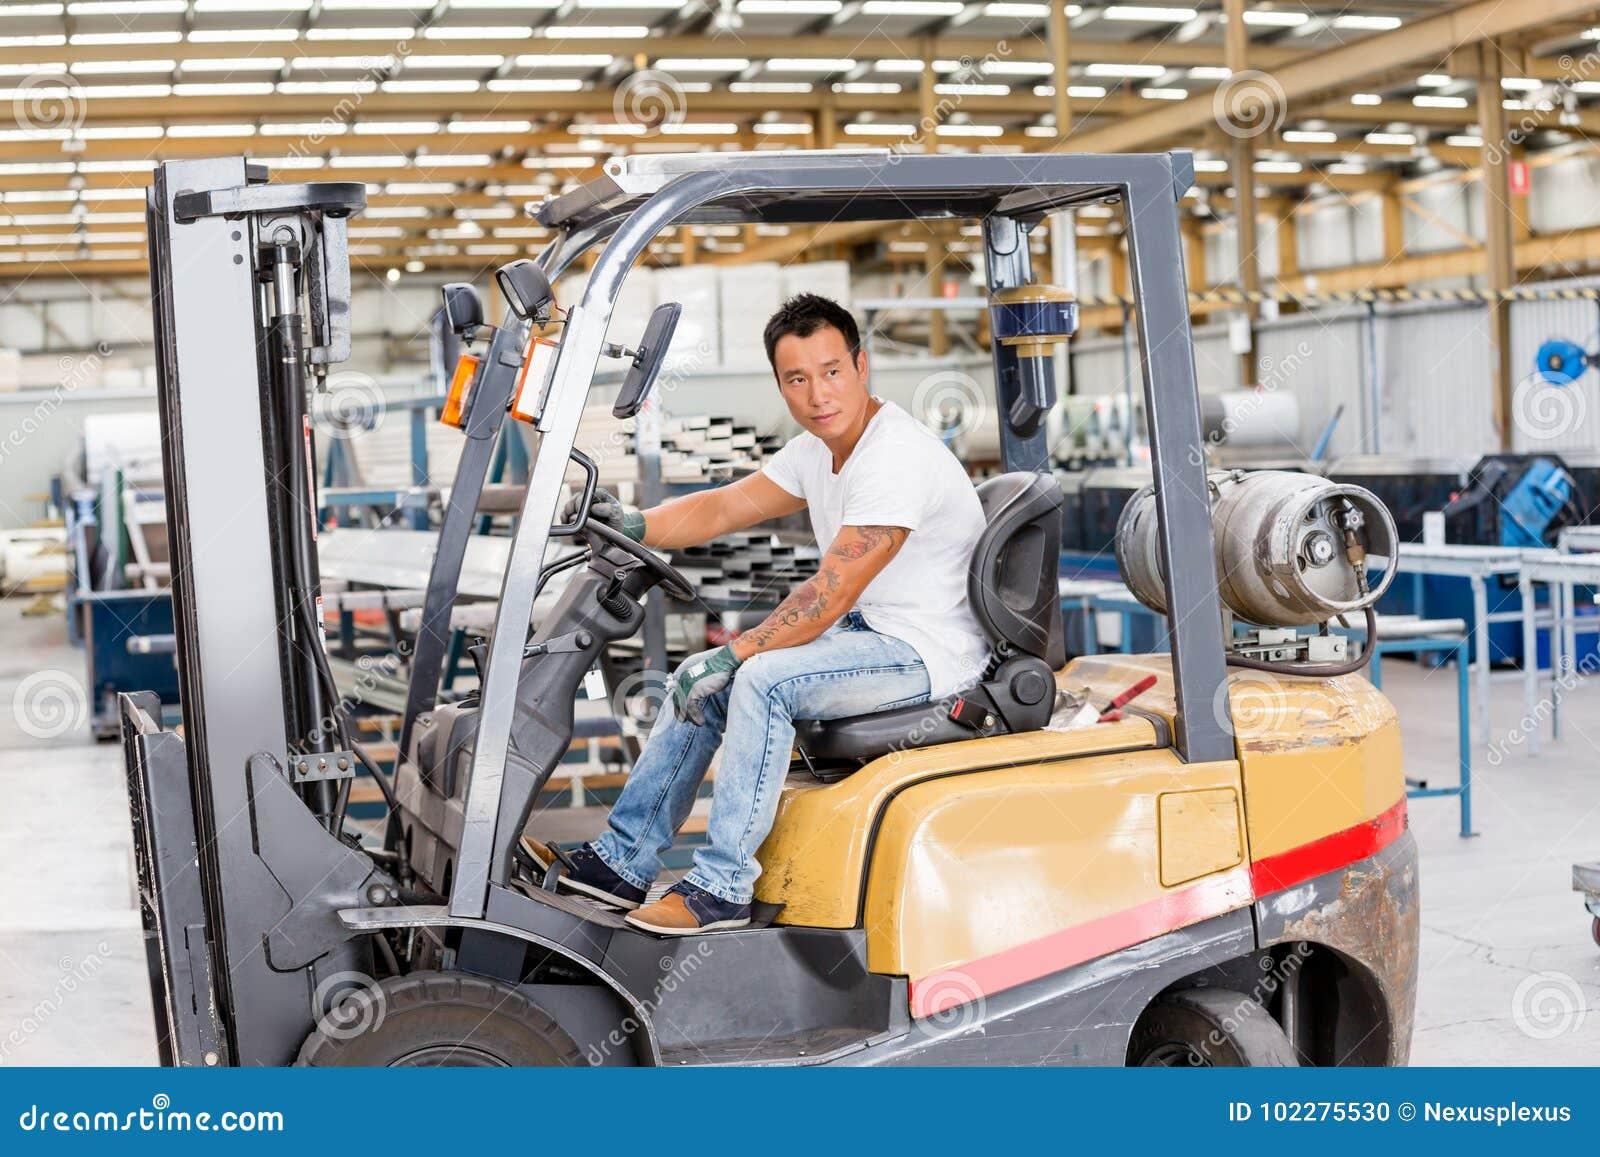 Aziatische arbeider in productie-installatie op de fabrieksvloer